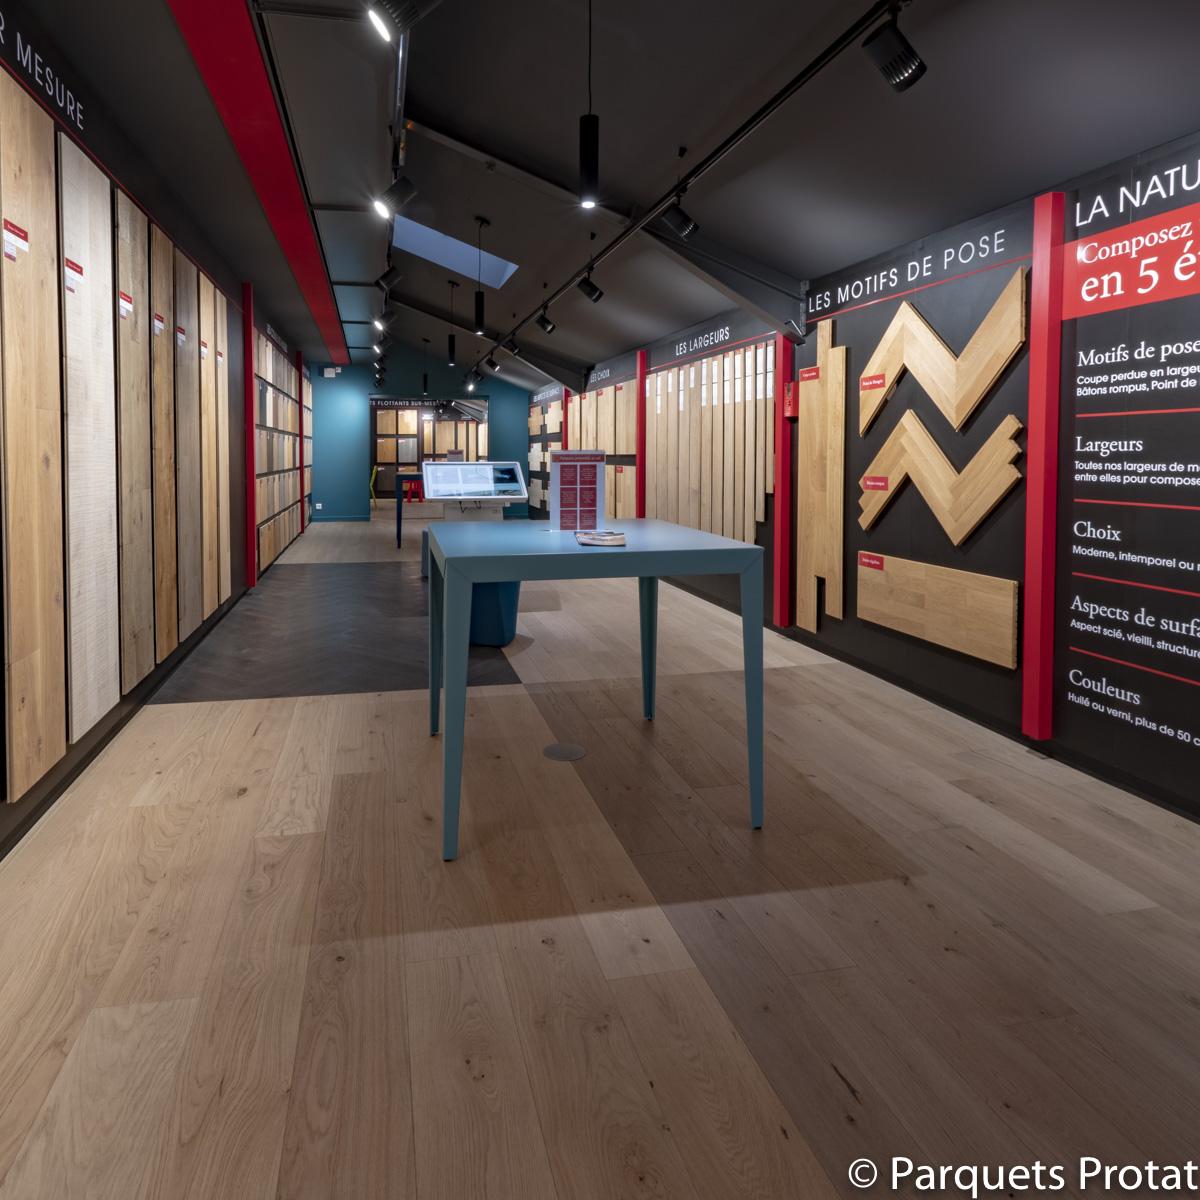 Showroom Parquets Protat, présent depuis 1954 à Lyon